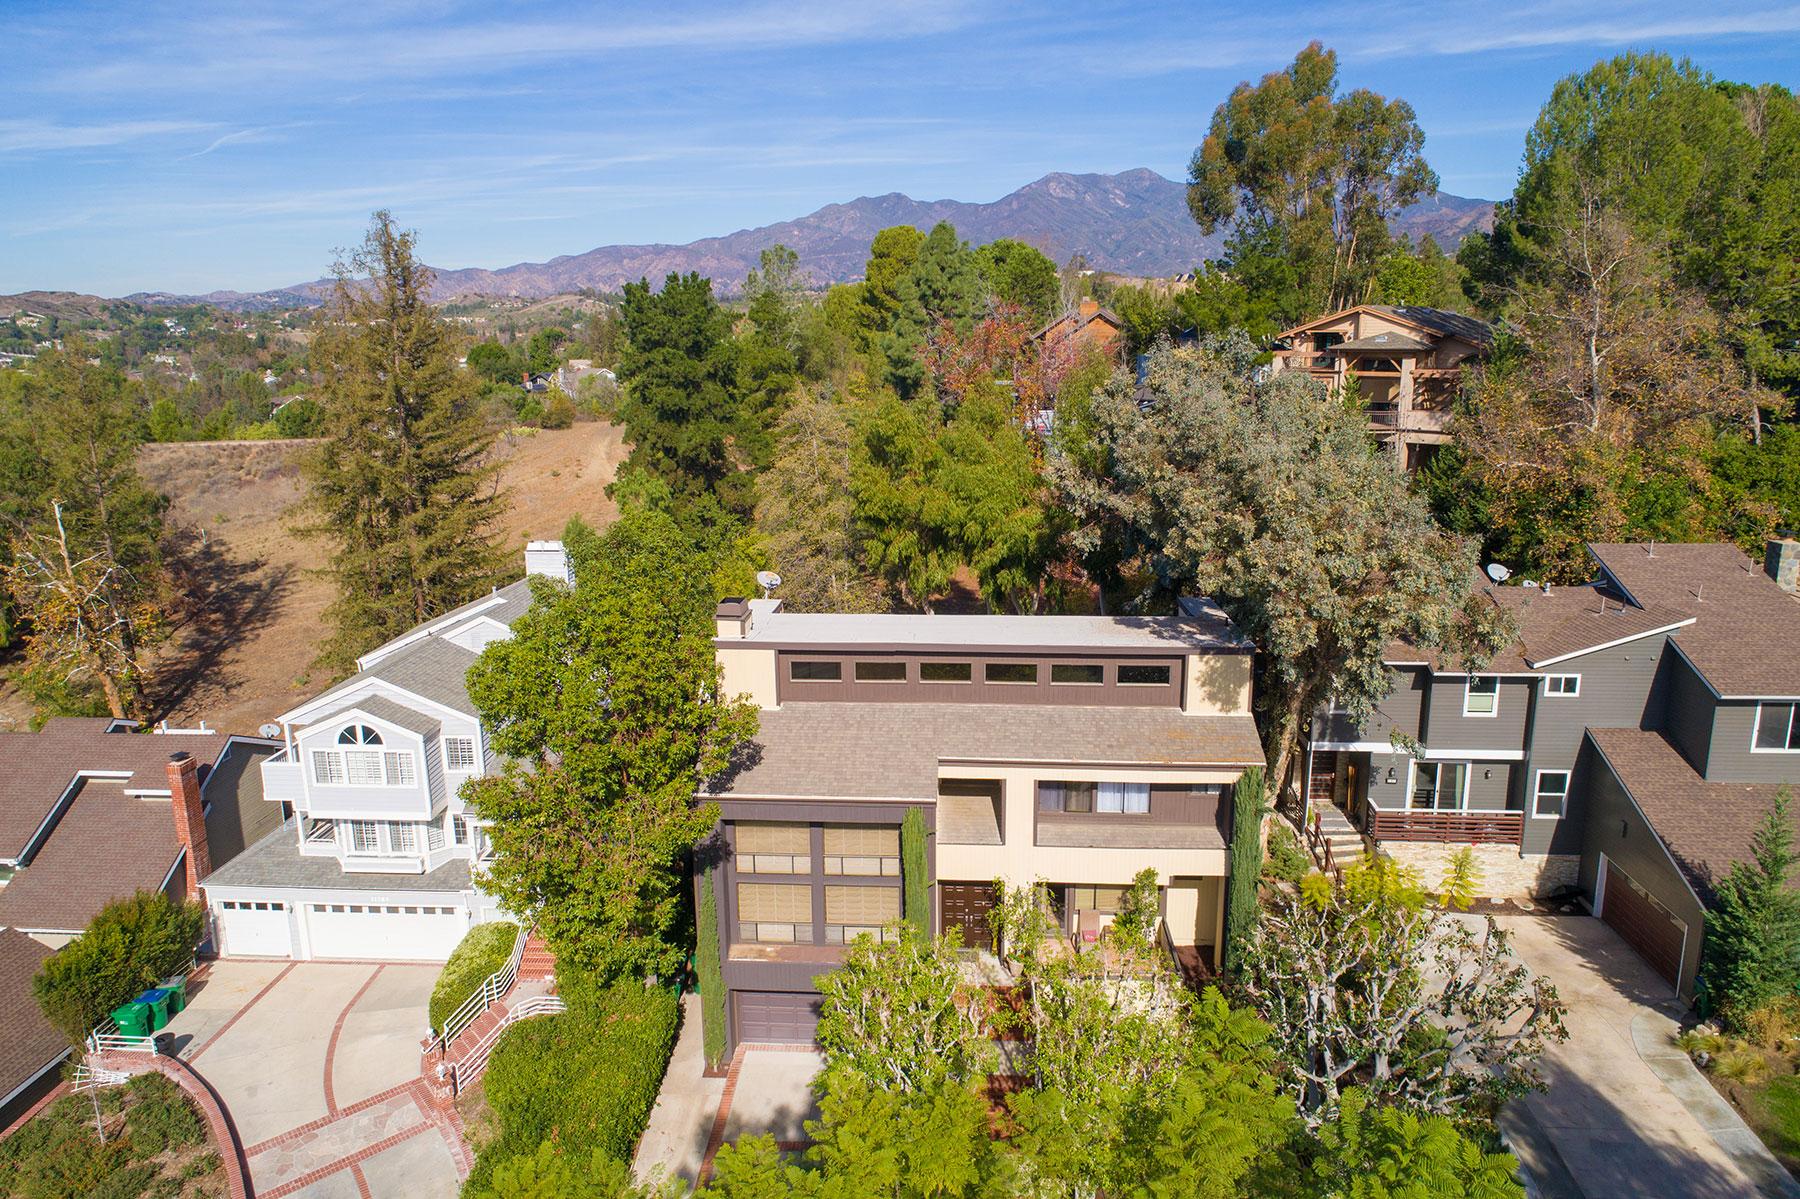 独户住宅 为 销售 在 31801 Via Coyote Coto De Caza, 加利福尼亚州, 92679 美国